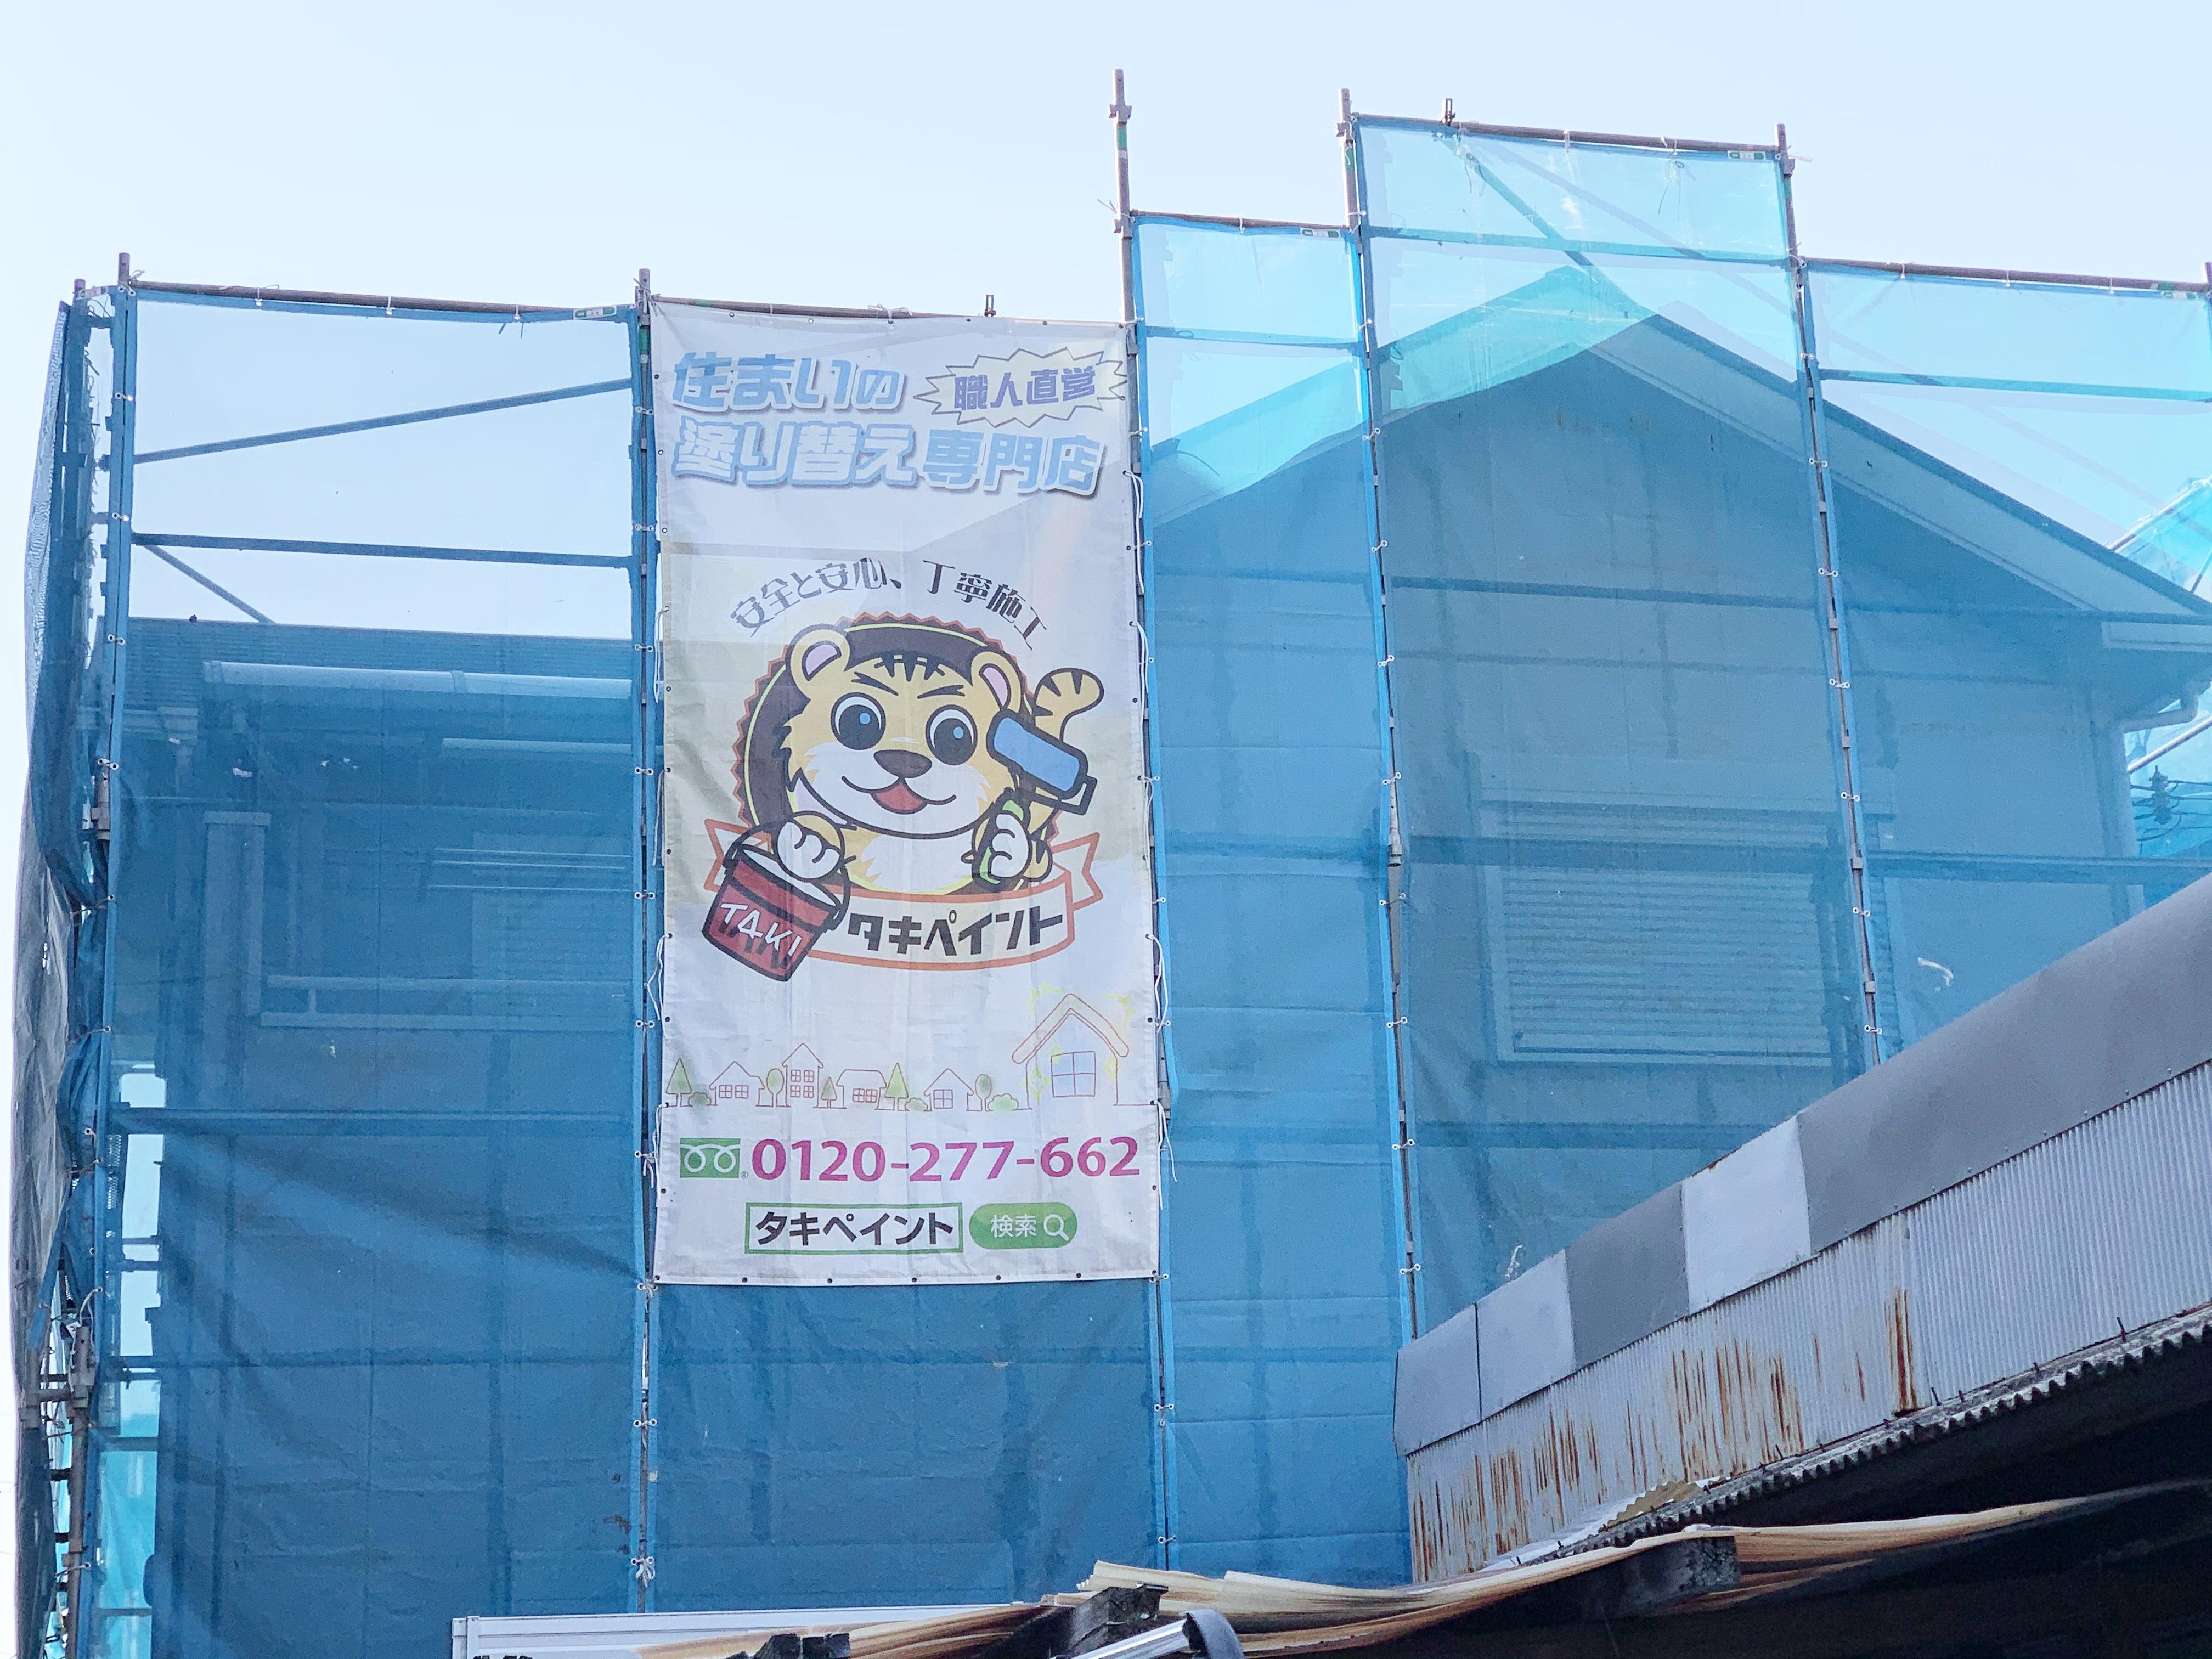 和泉市S様邸 屋根・外壁塗装工事着工しました!!